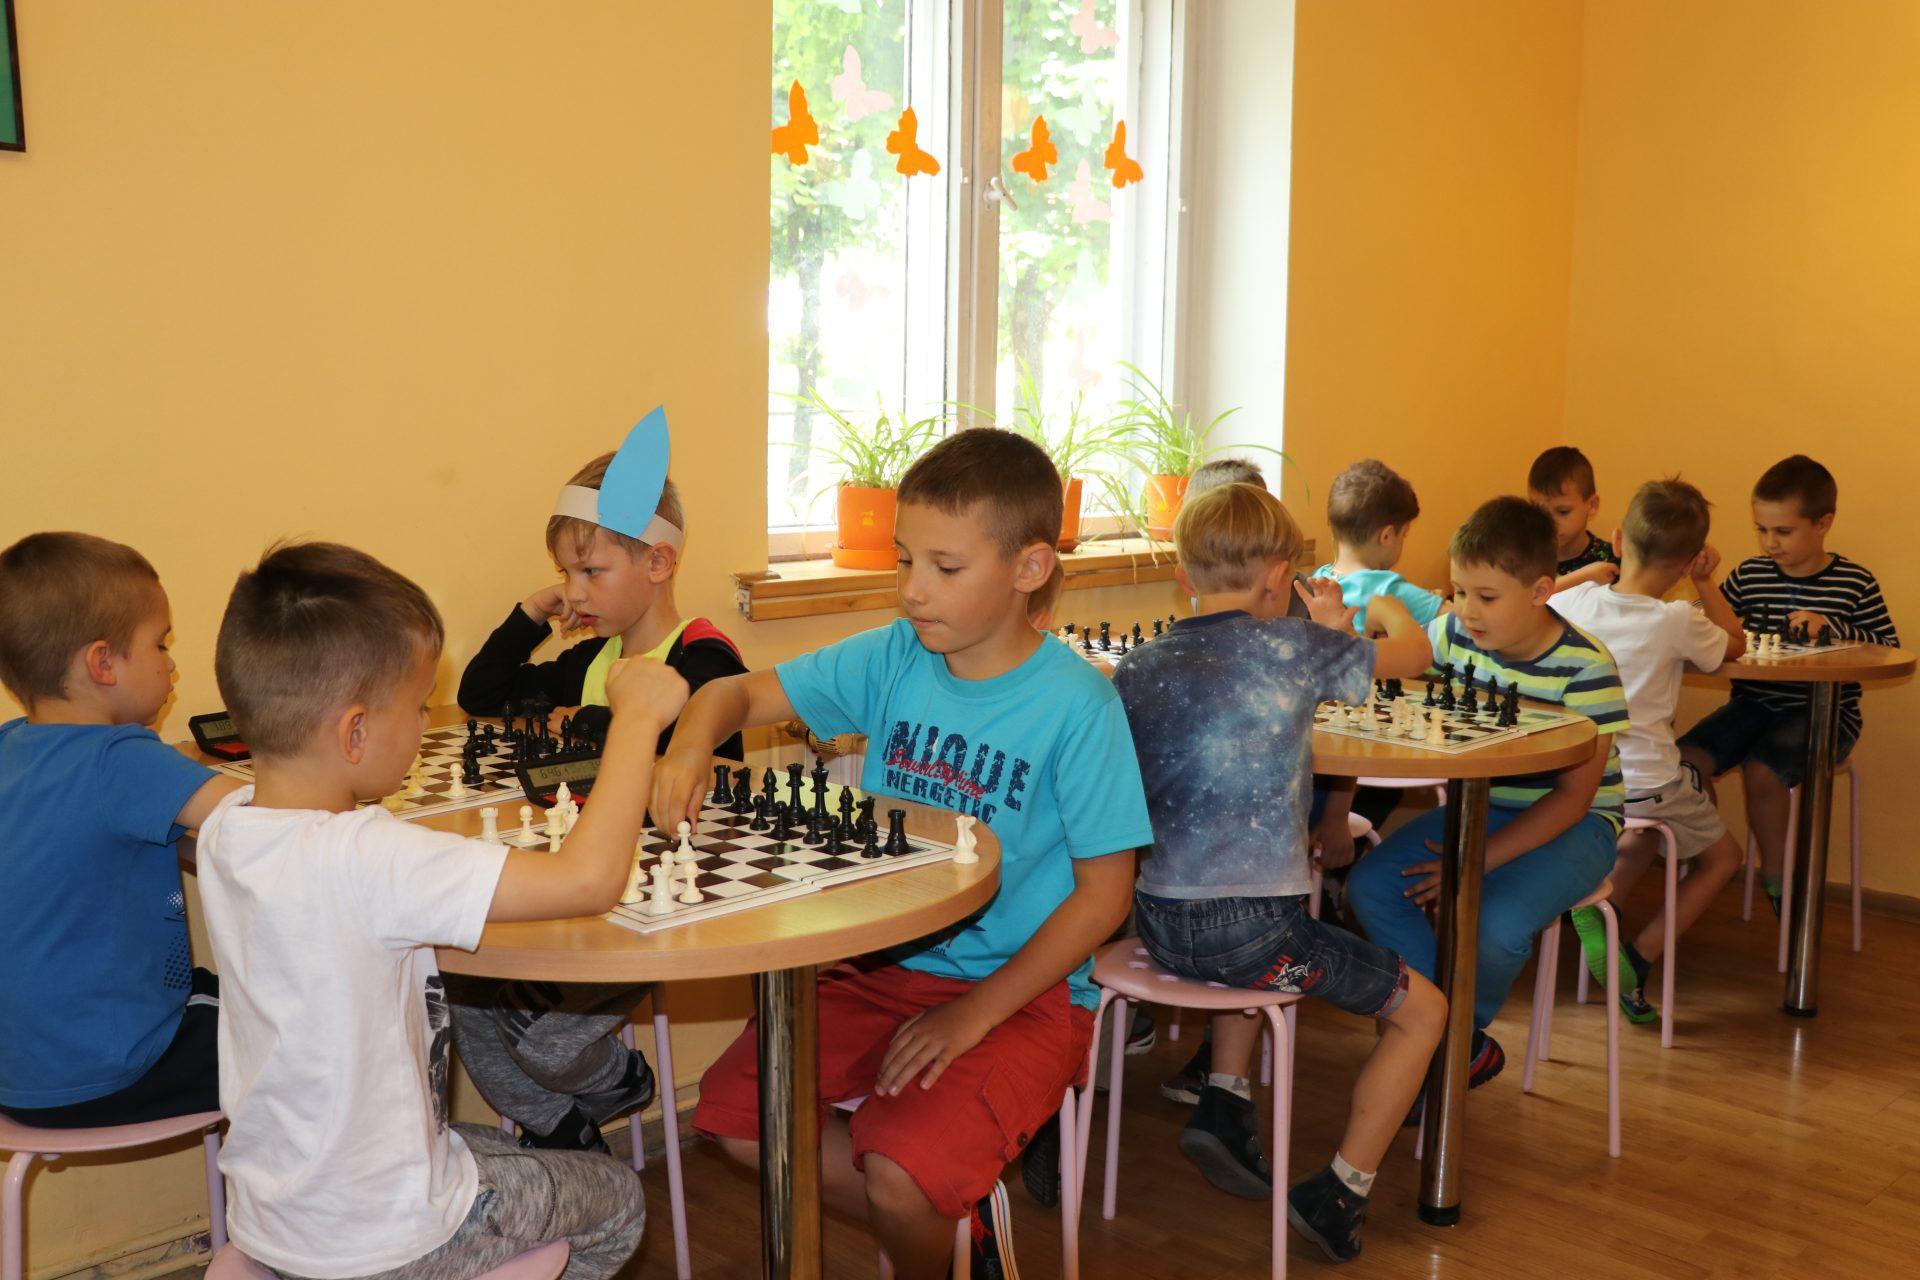 VII Szachowe Mistrzostwa Społecznego Przedszkola Akademia Przedszkolaka, Świdnica, 08.06.2017